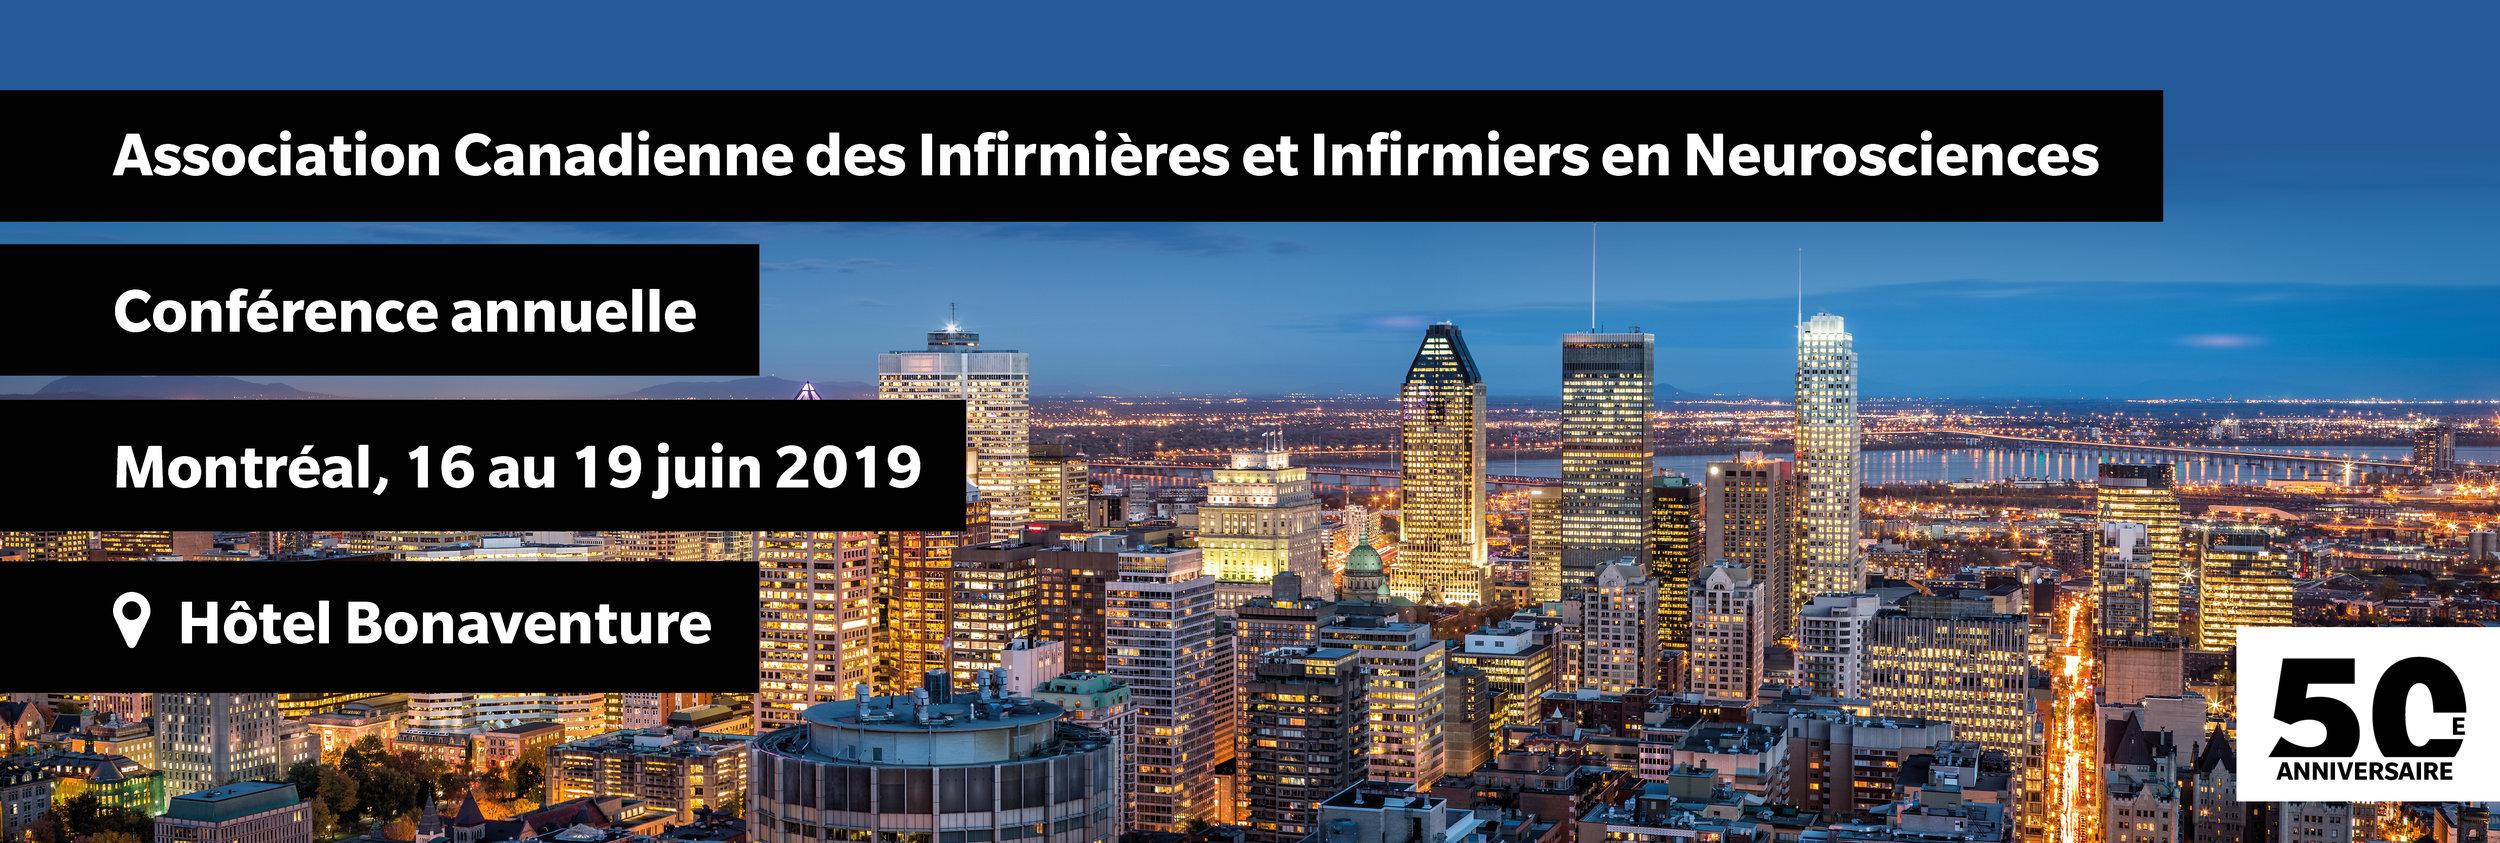 Banner2 Fr 2019.jpg